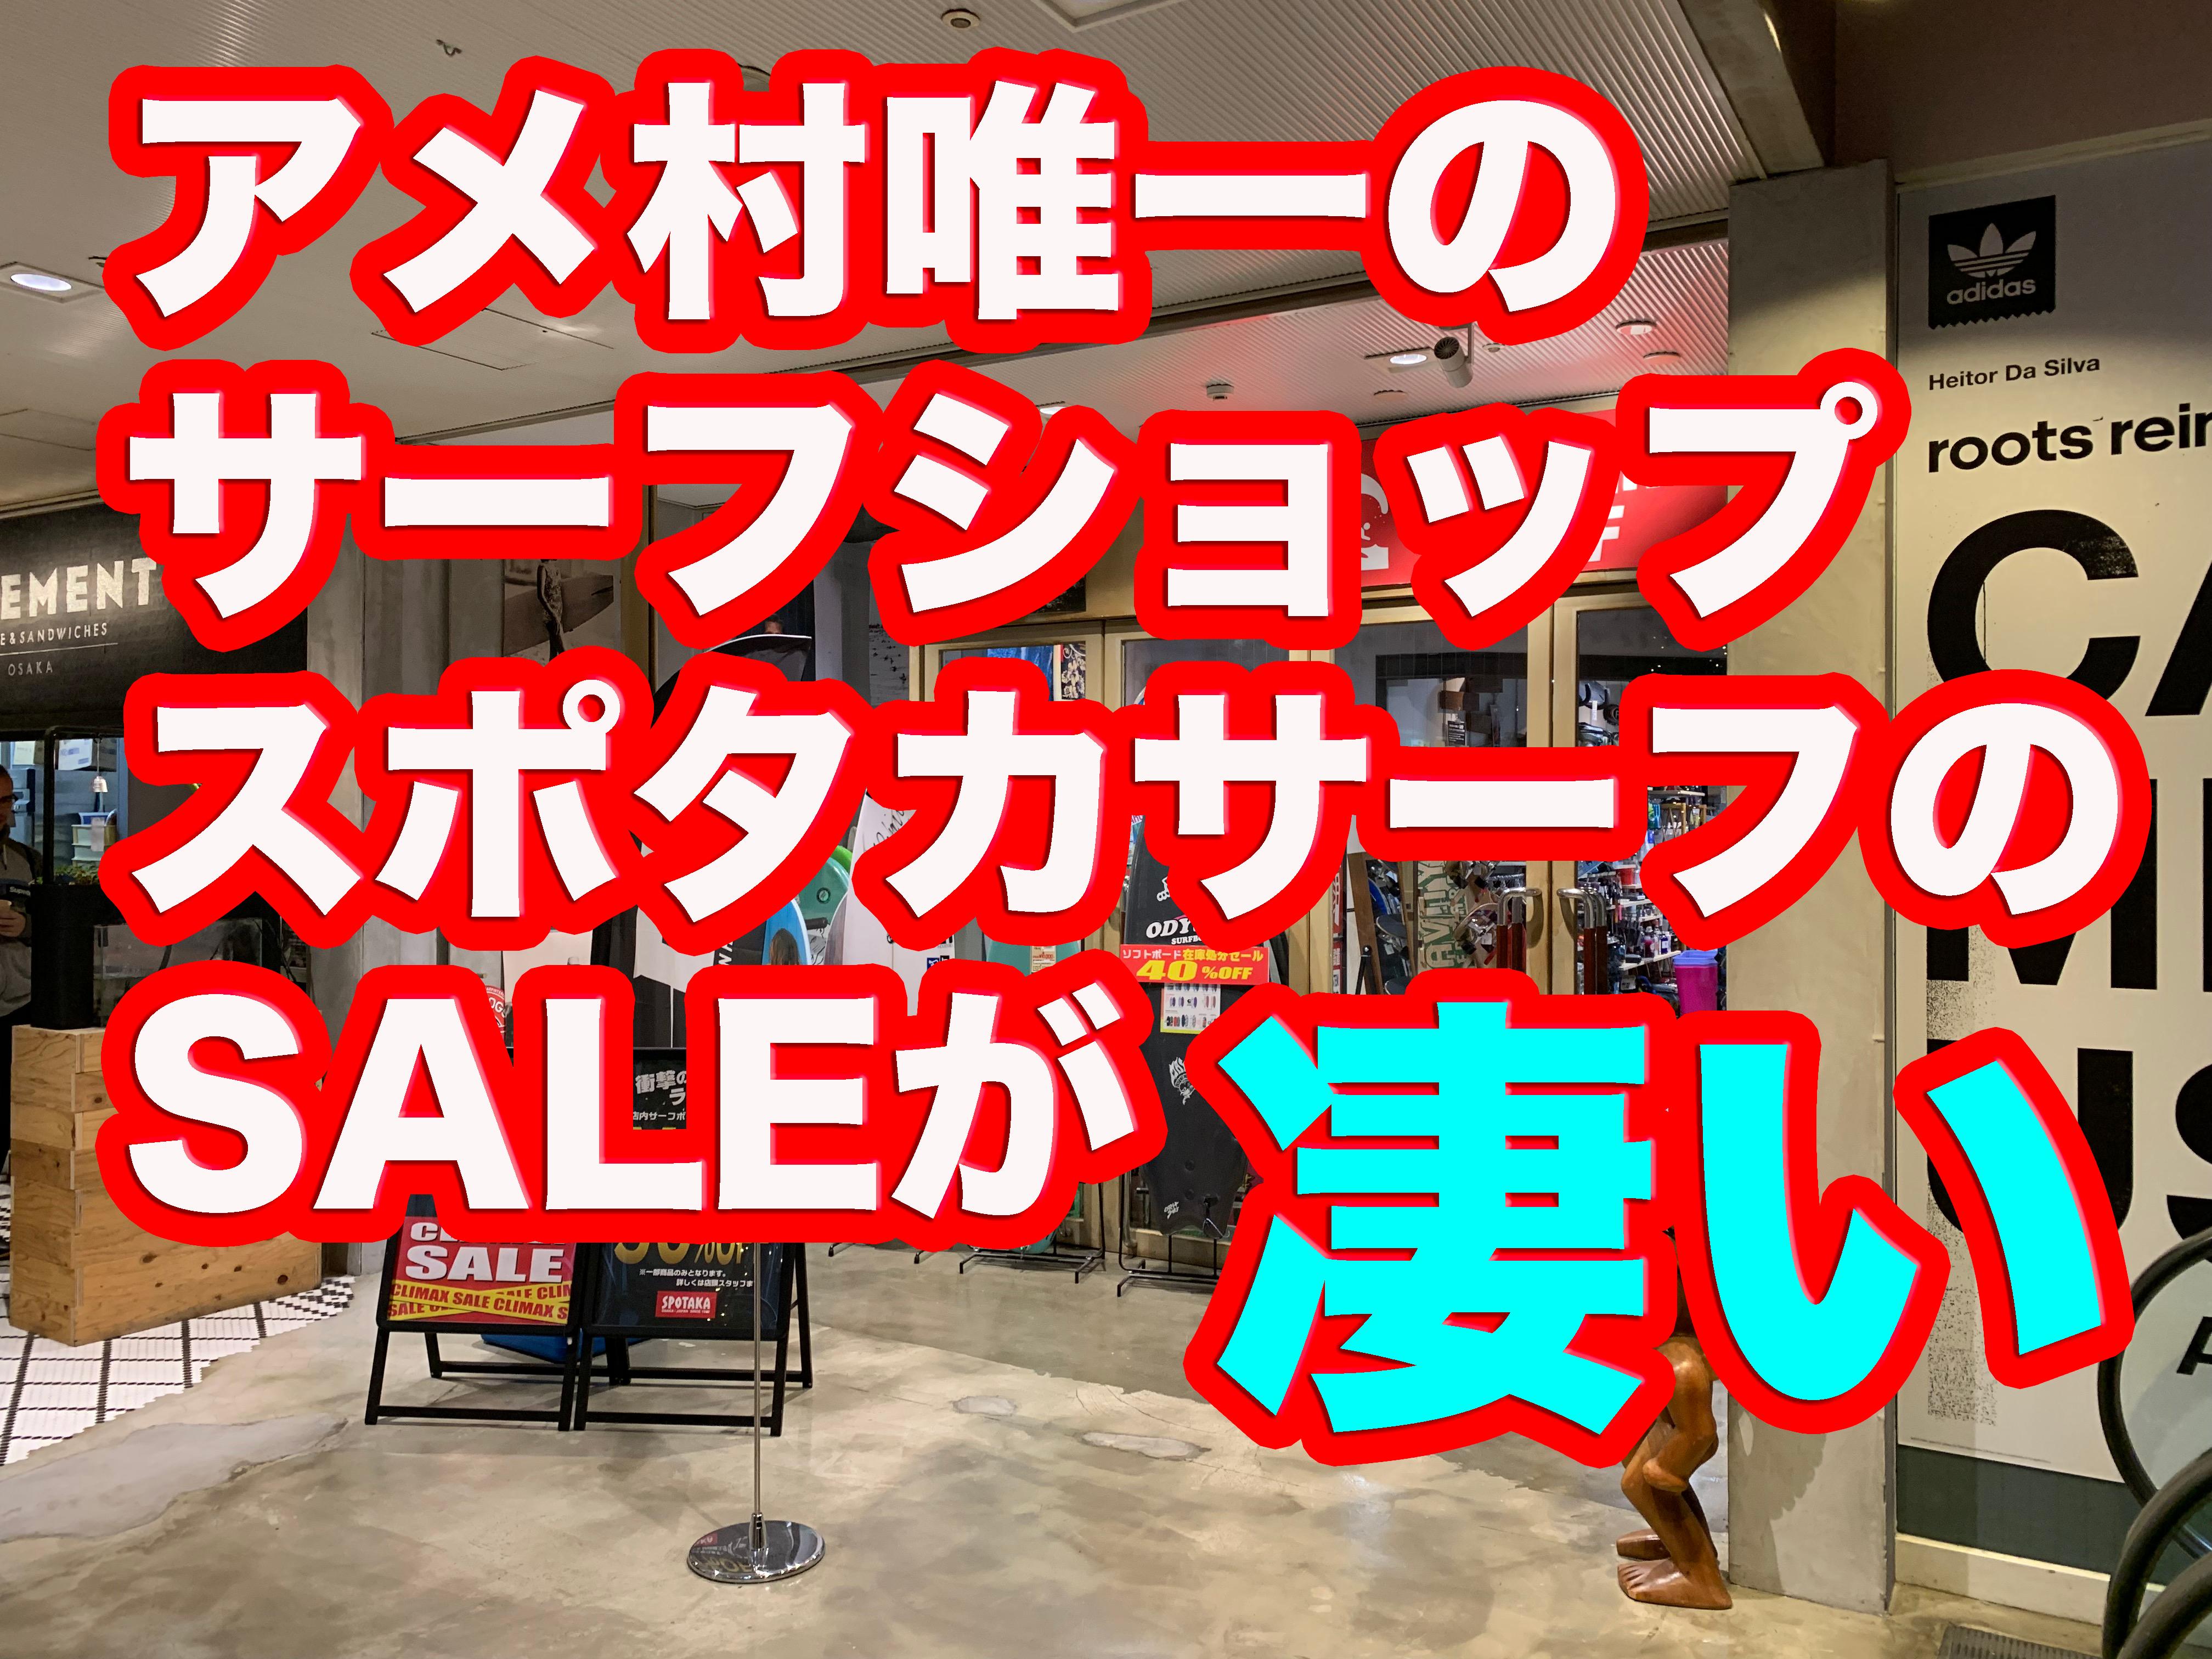 大阪アメリカ村唯一のサーフショップスポタカサーフのSALEが凄い!